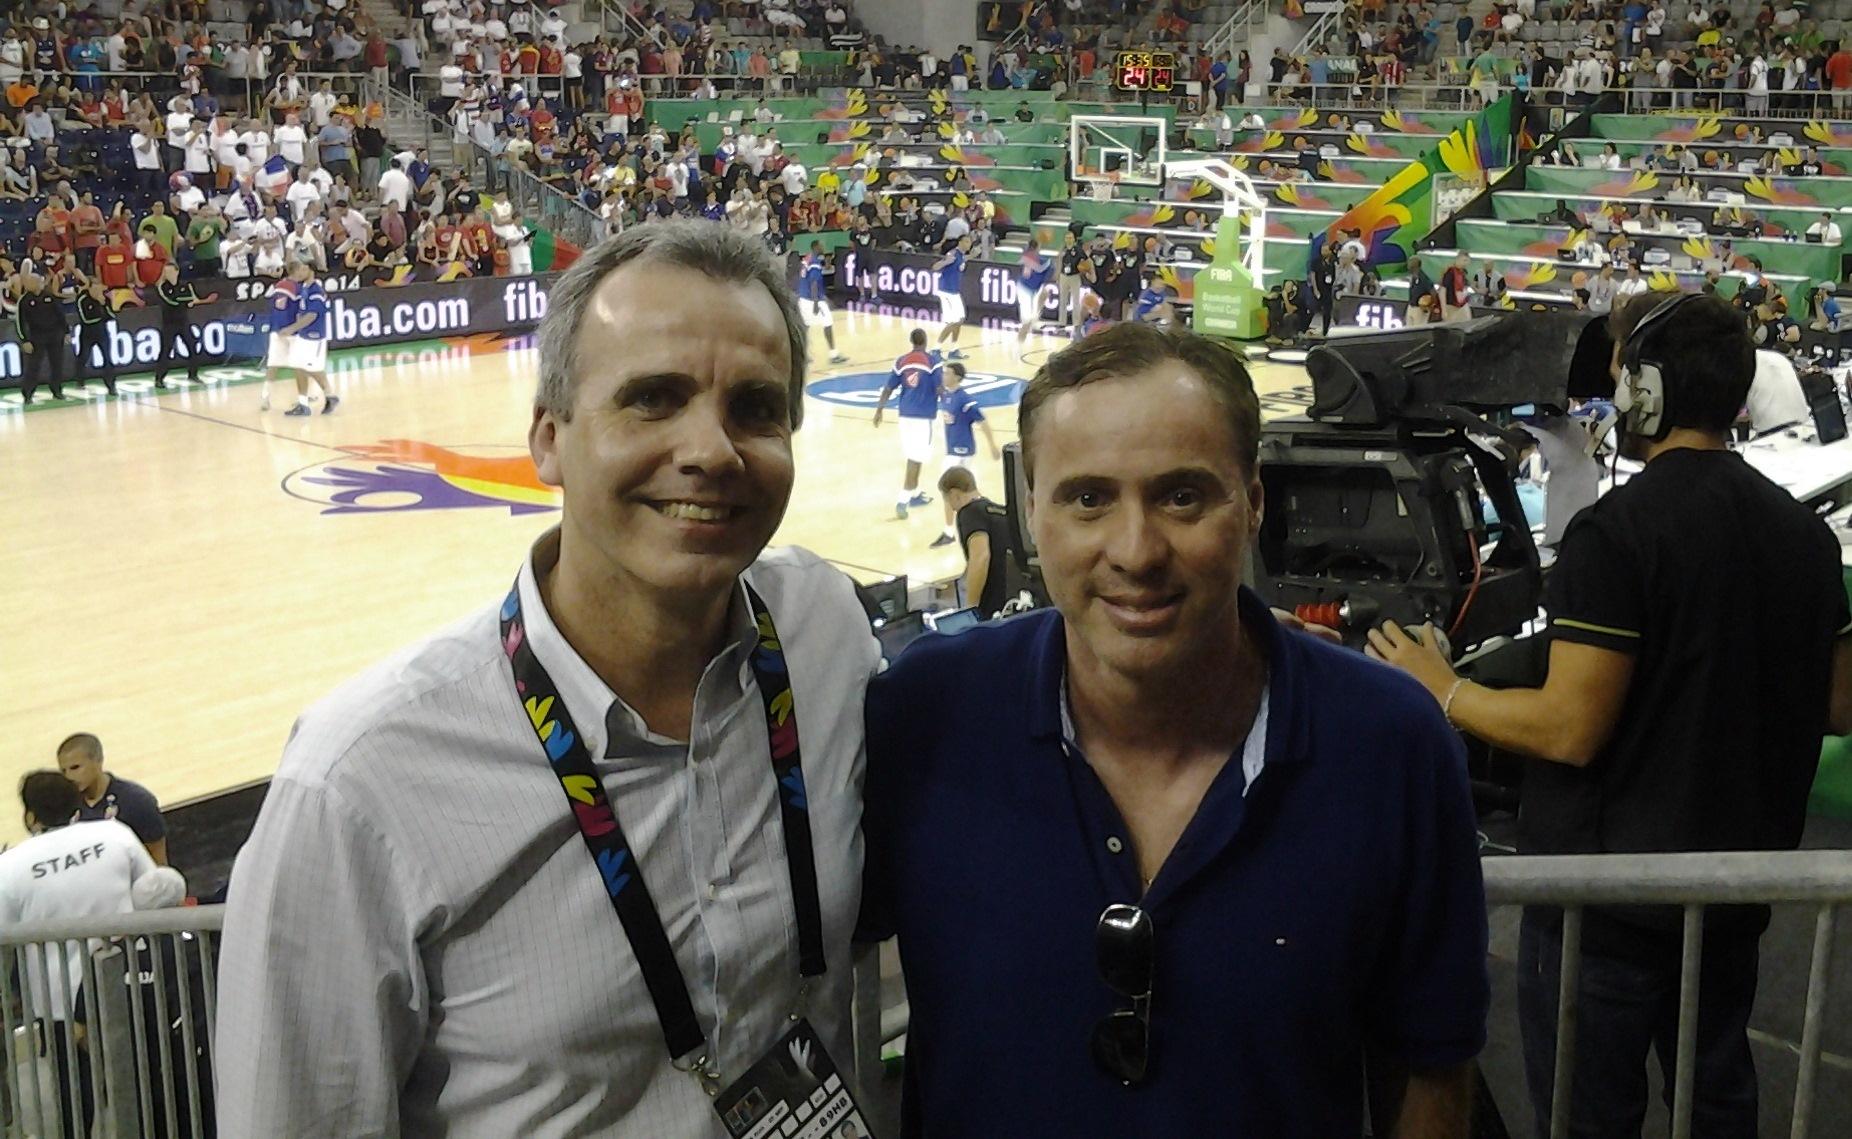 Marrelli e Bassul se encontraram durante os primeiros jogos do Brasil em Granada (Divulgação)